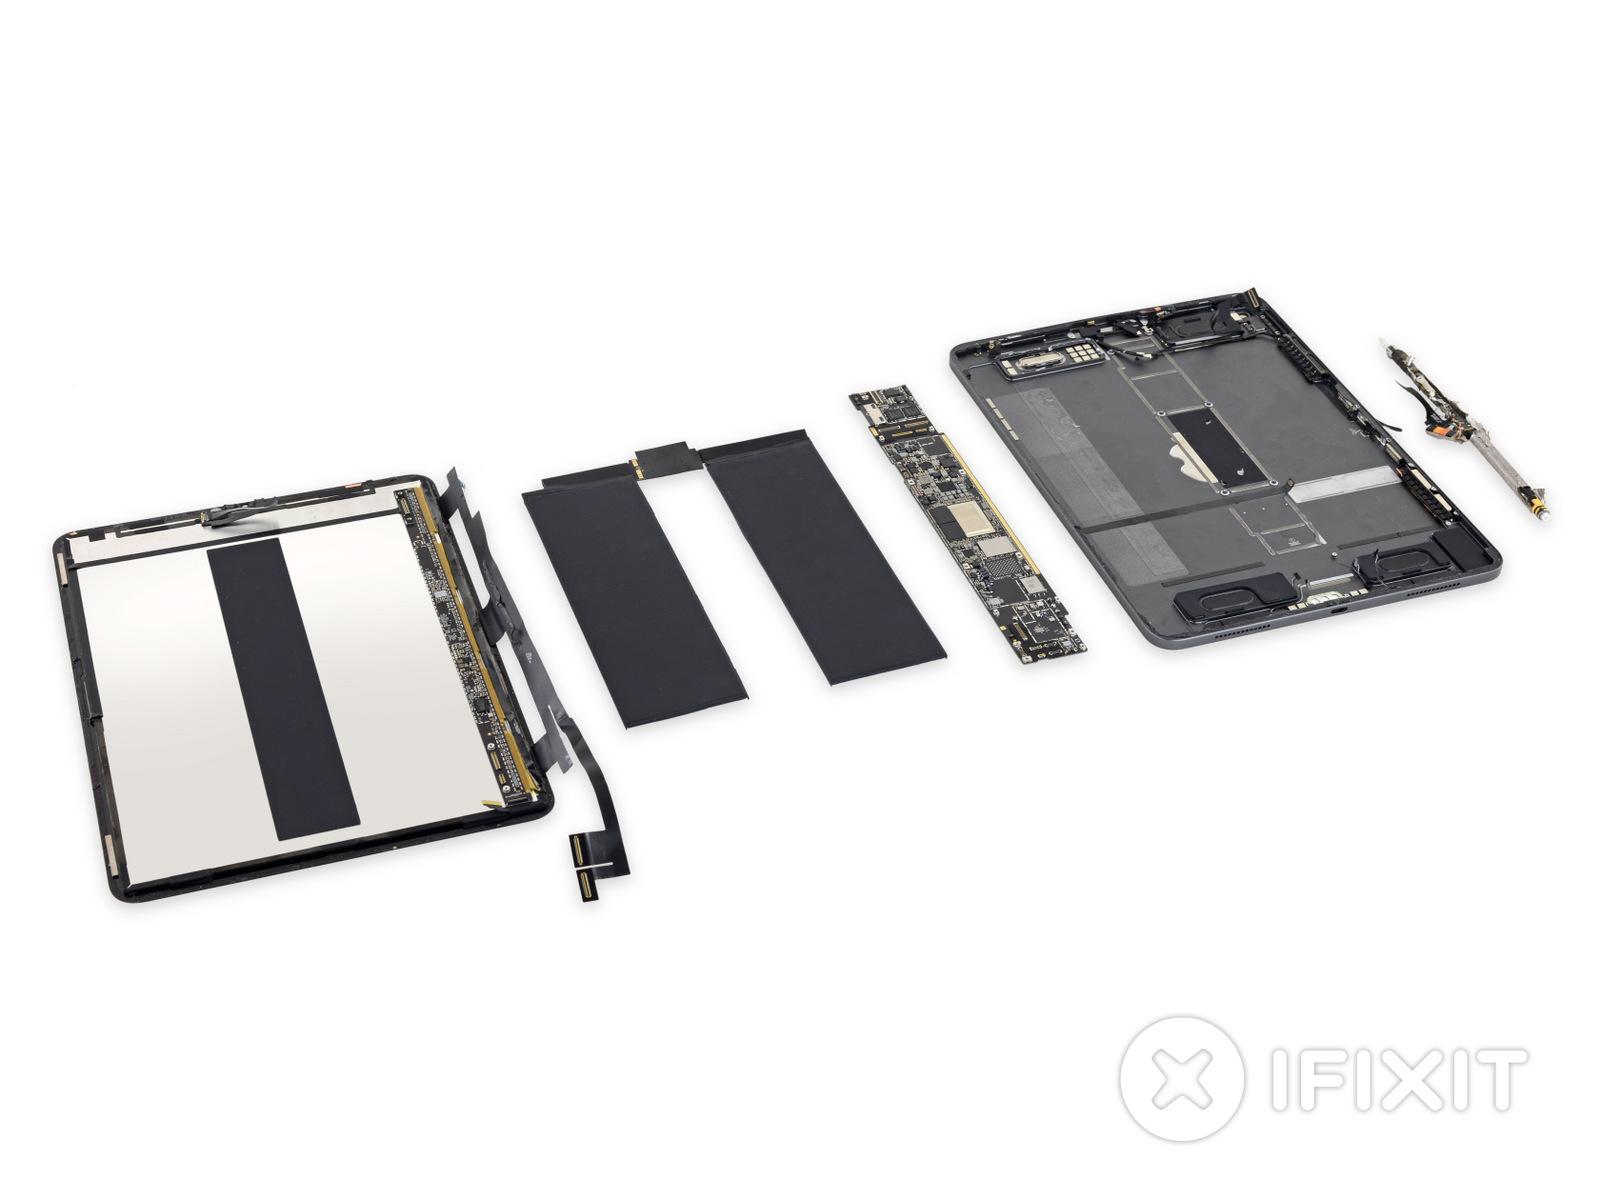 新iPad Proもバラバラに。iFixitが分解レポートを公開~バッテリー小型化、磁石は大量、修理しやすさは厳しめ評価